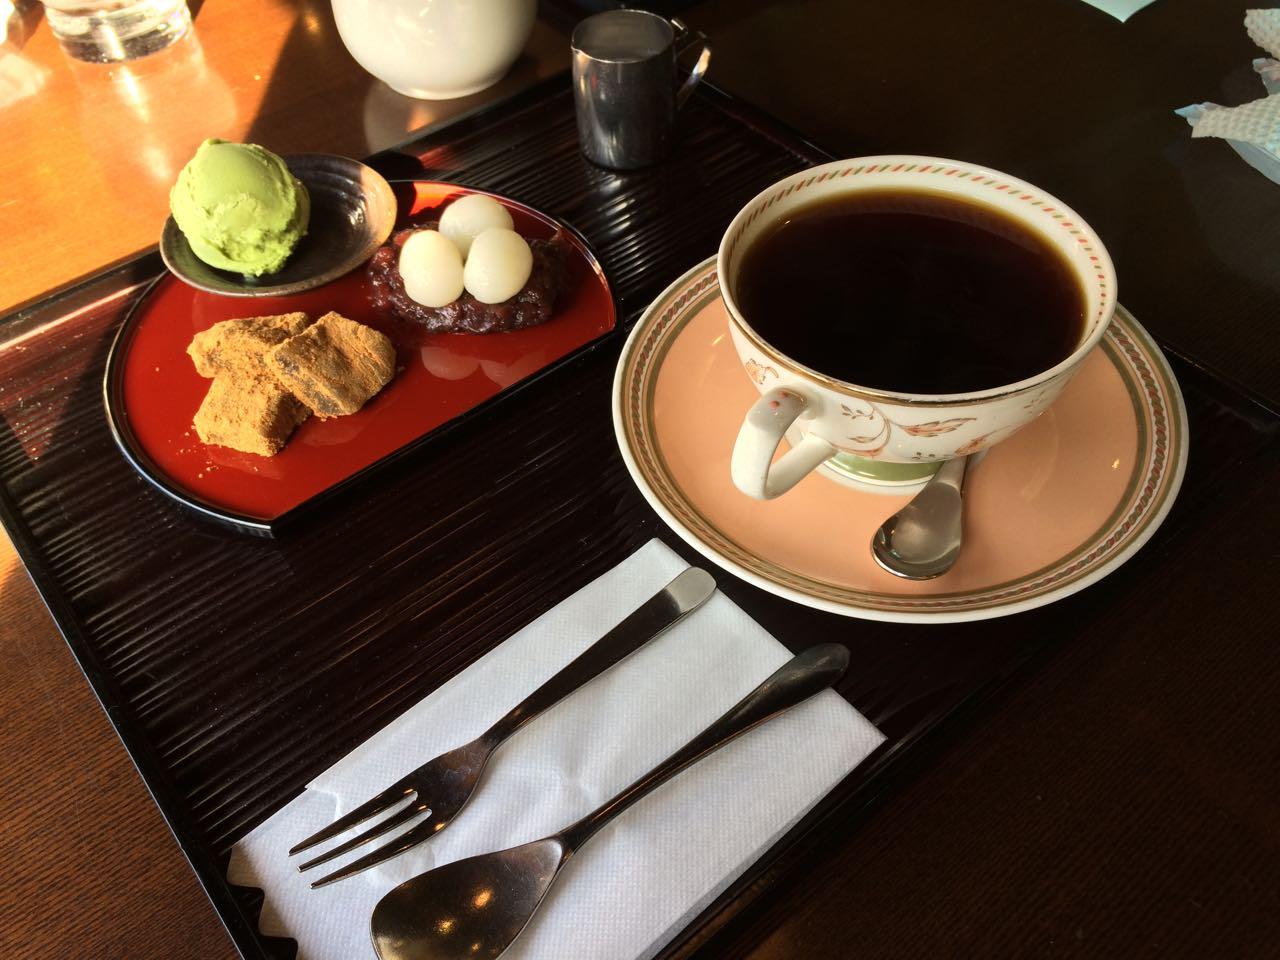 珈琲蔵人 珈蔵 堺伏尾店のコーヒーセット